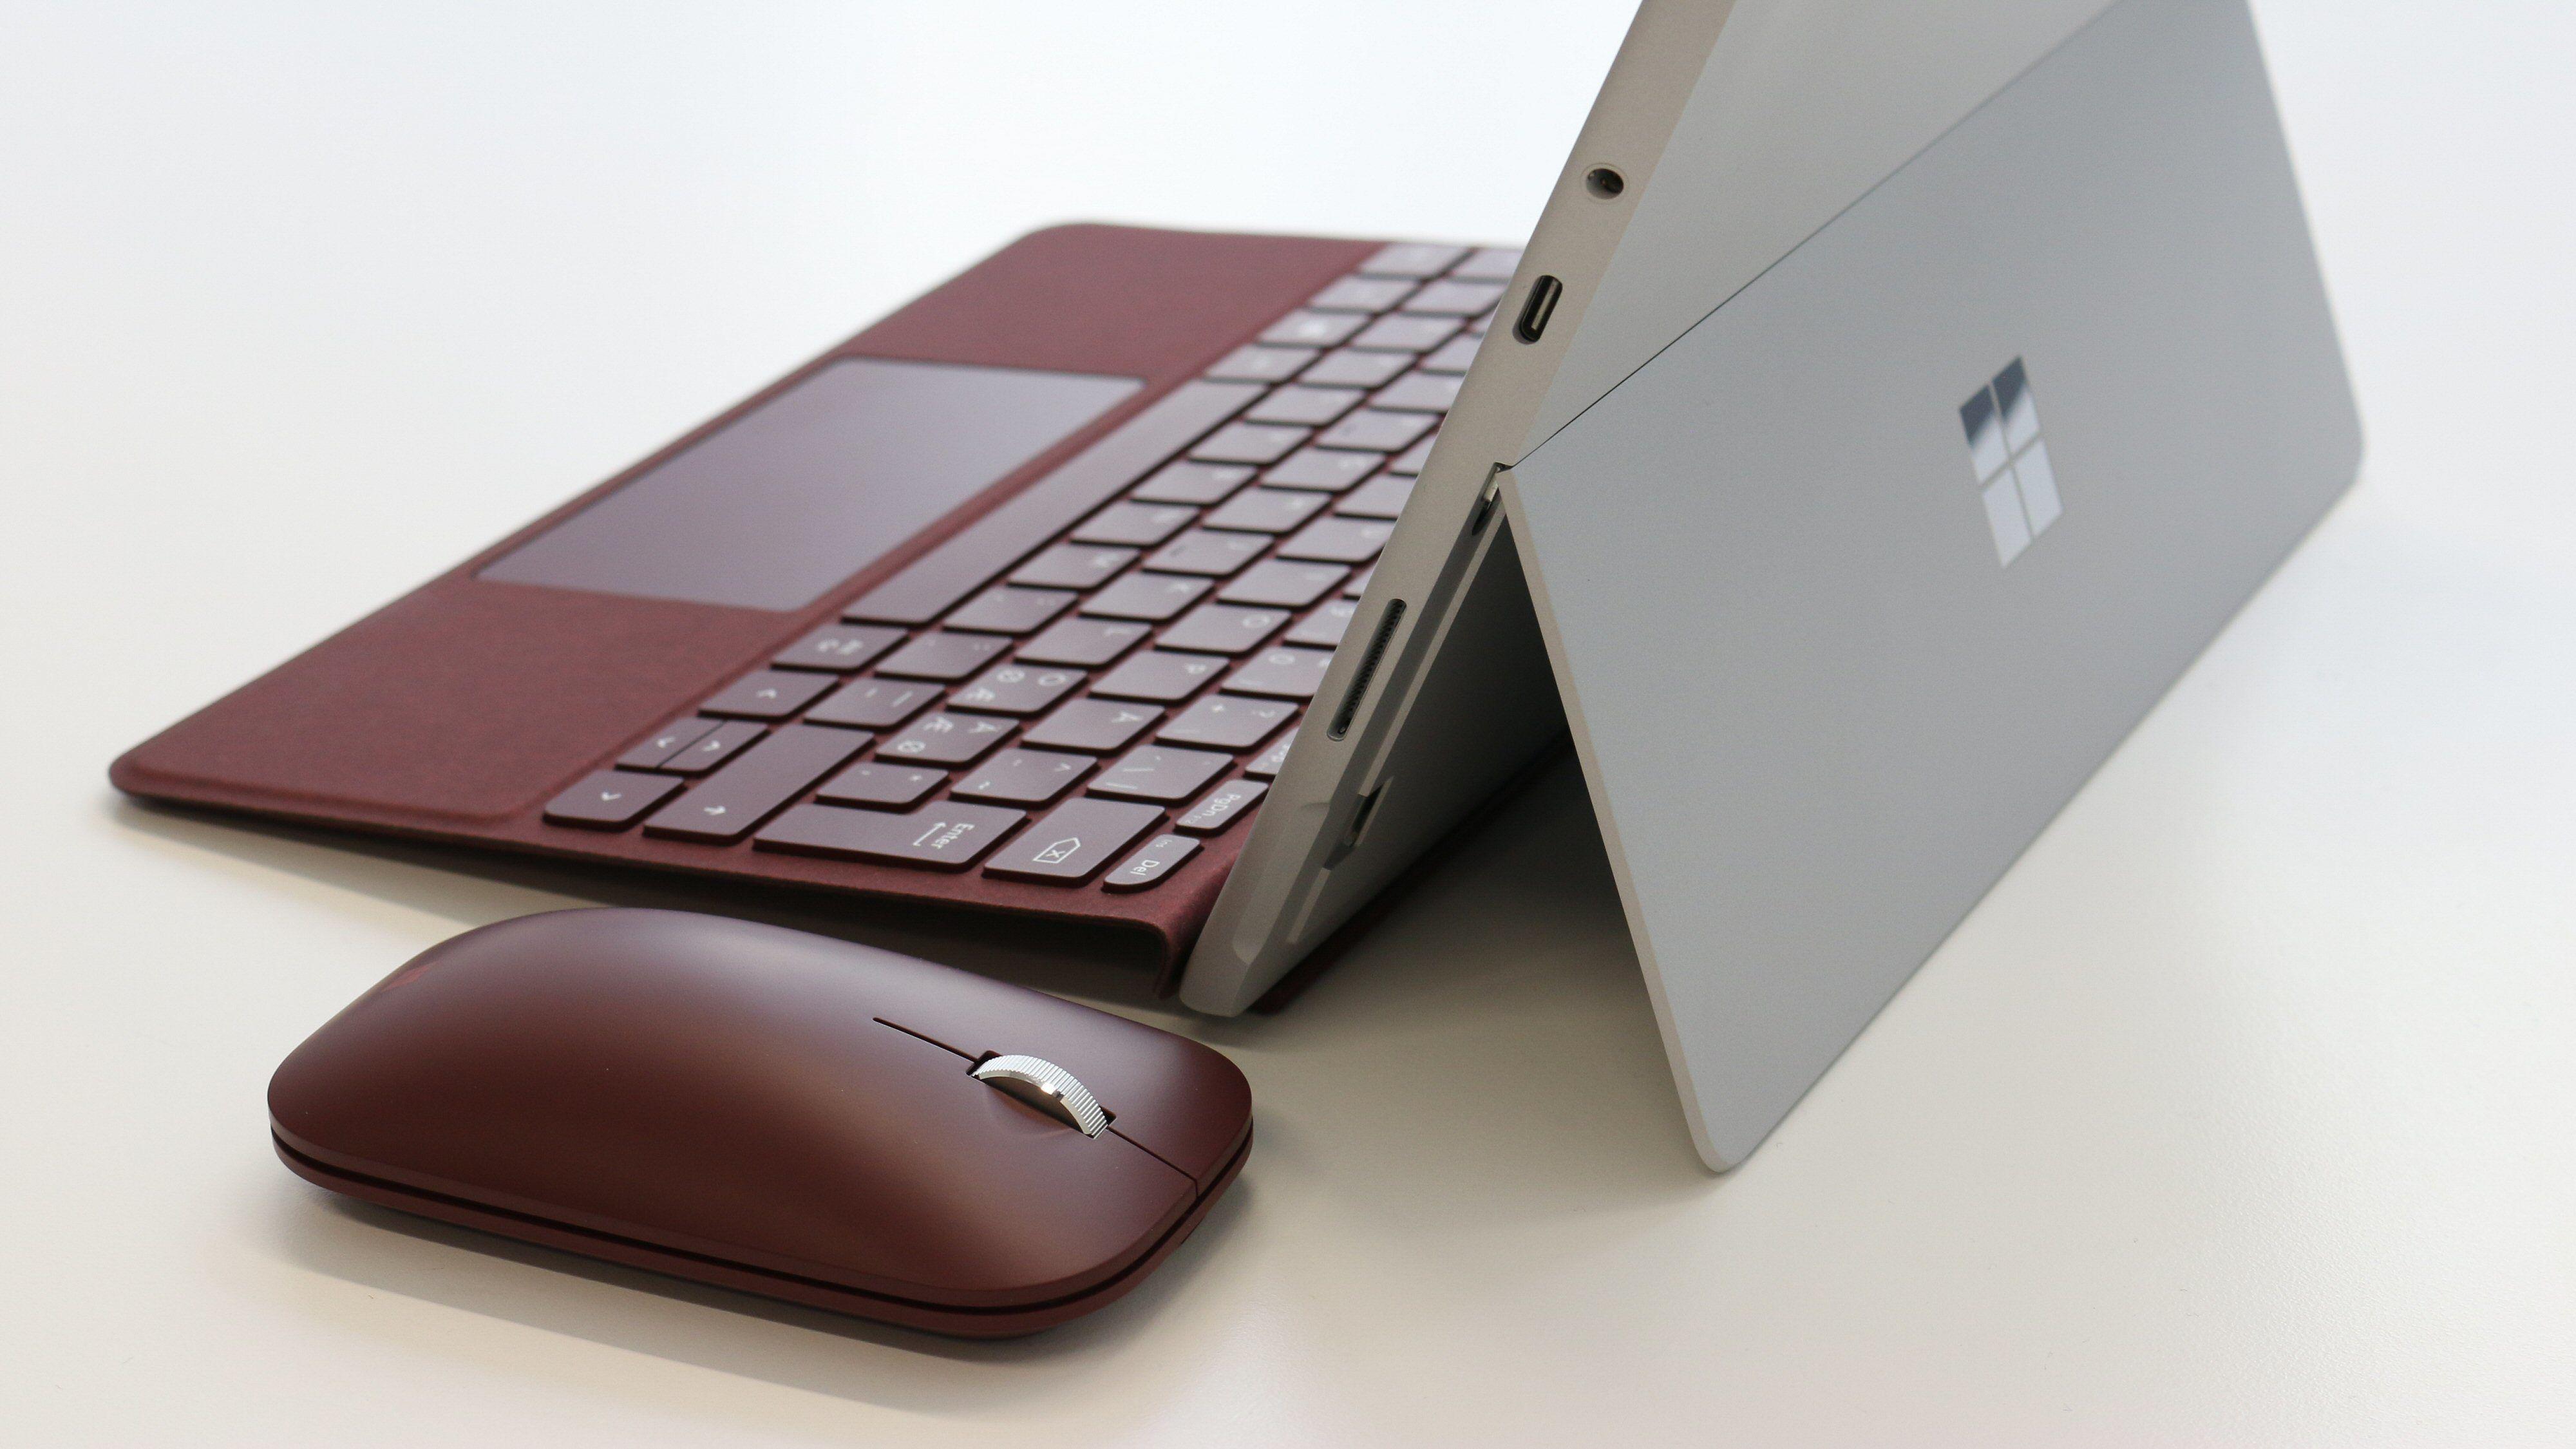 Alle porter er nå samlet på høyre side: Surface, USB Type-C, minijack for lyd og plass til microSD-minnekort bak støttebeinet. Her ser du også Signature Type Cover og Mobile Mouse i burgunder.